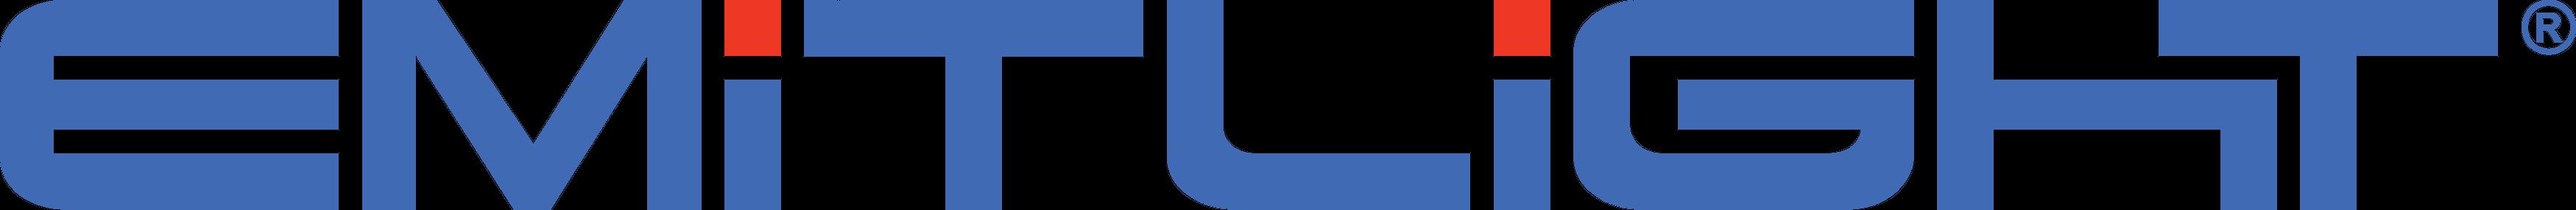 Emitlight_Logo_Color